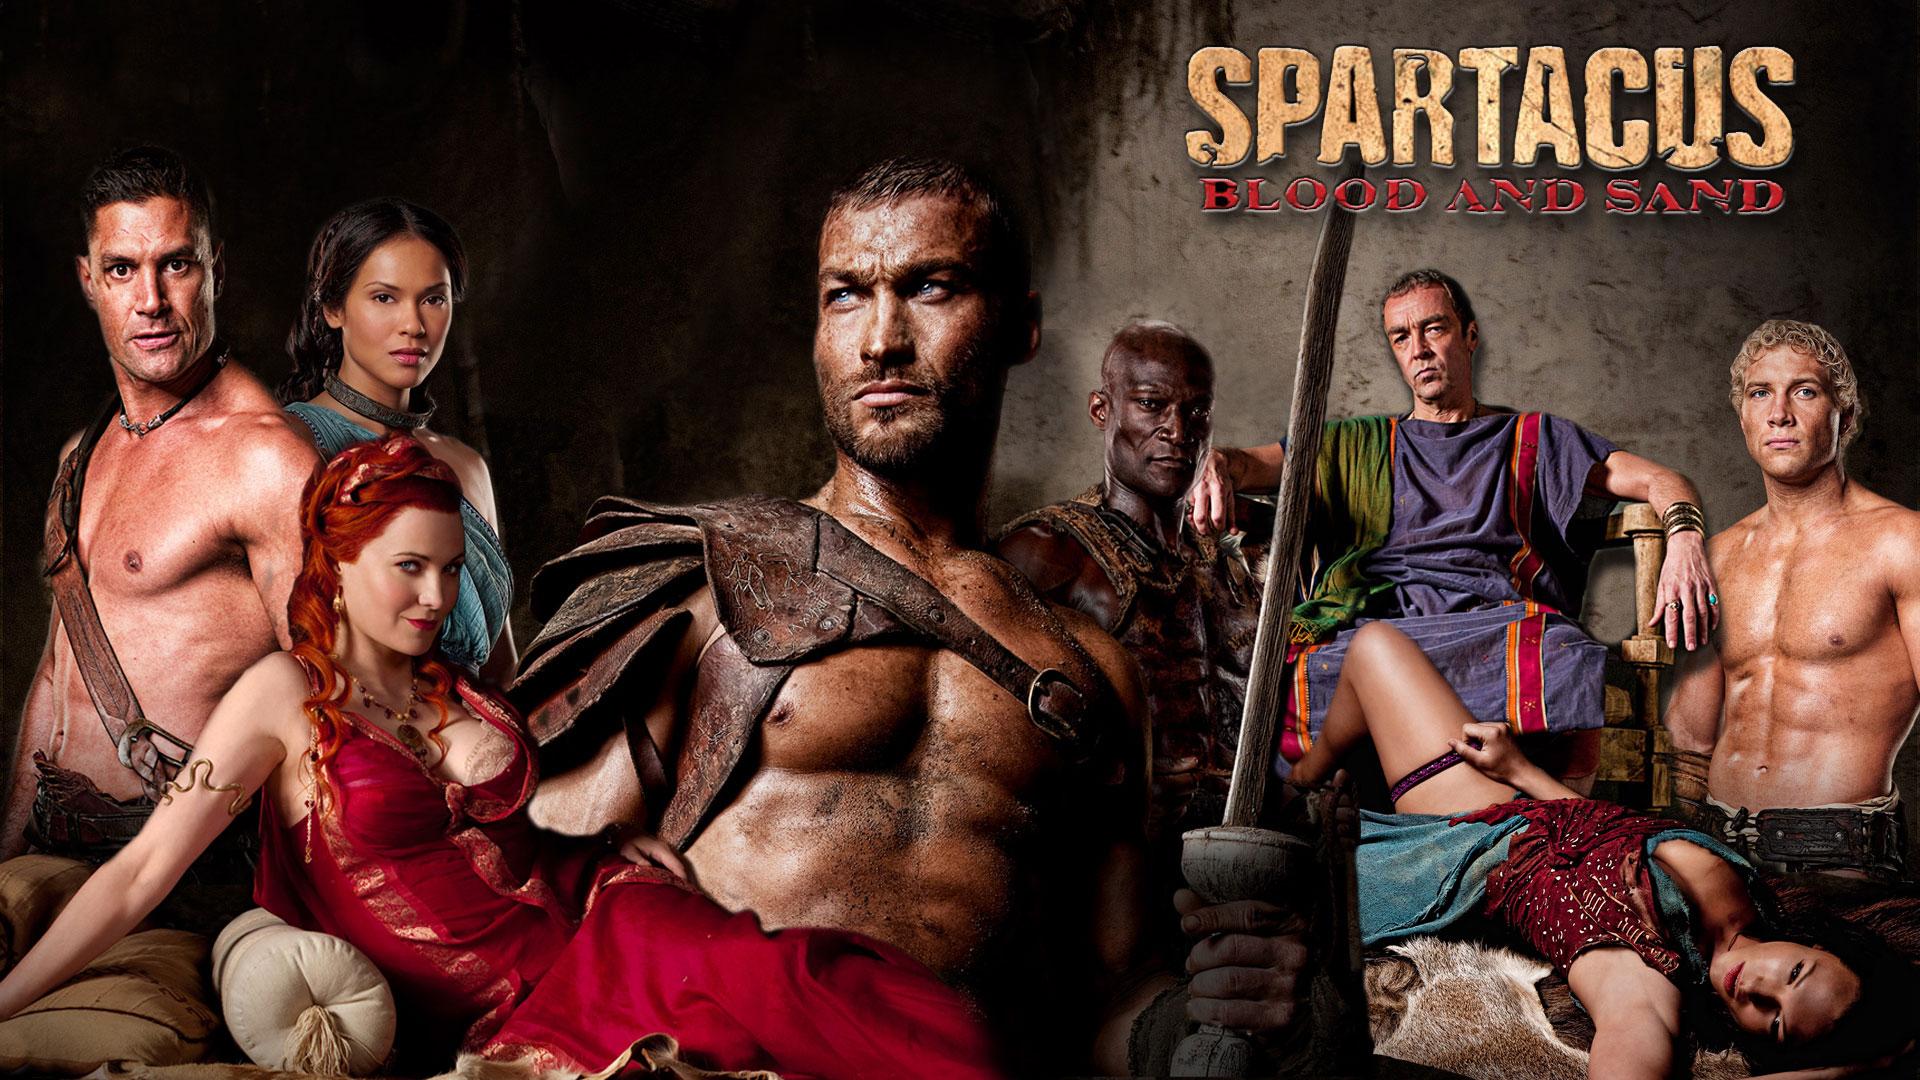 Spartacus Movie Image